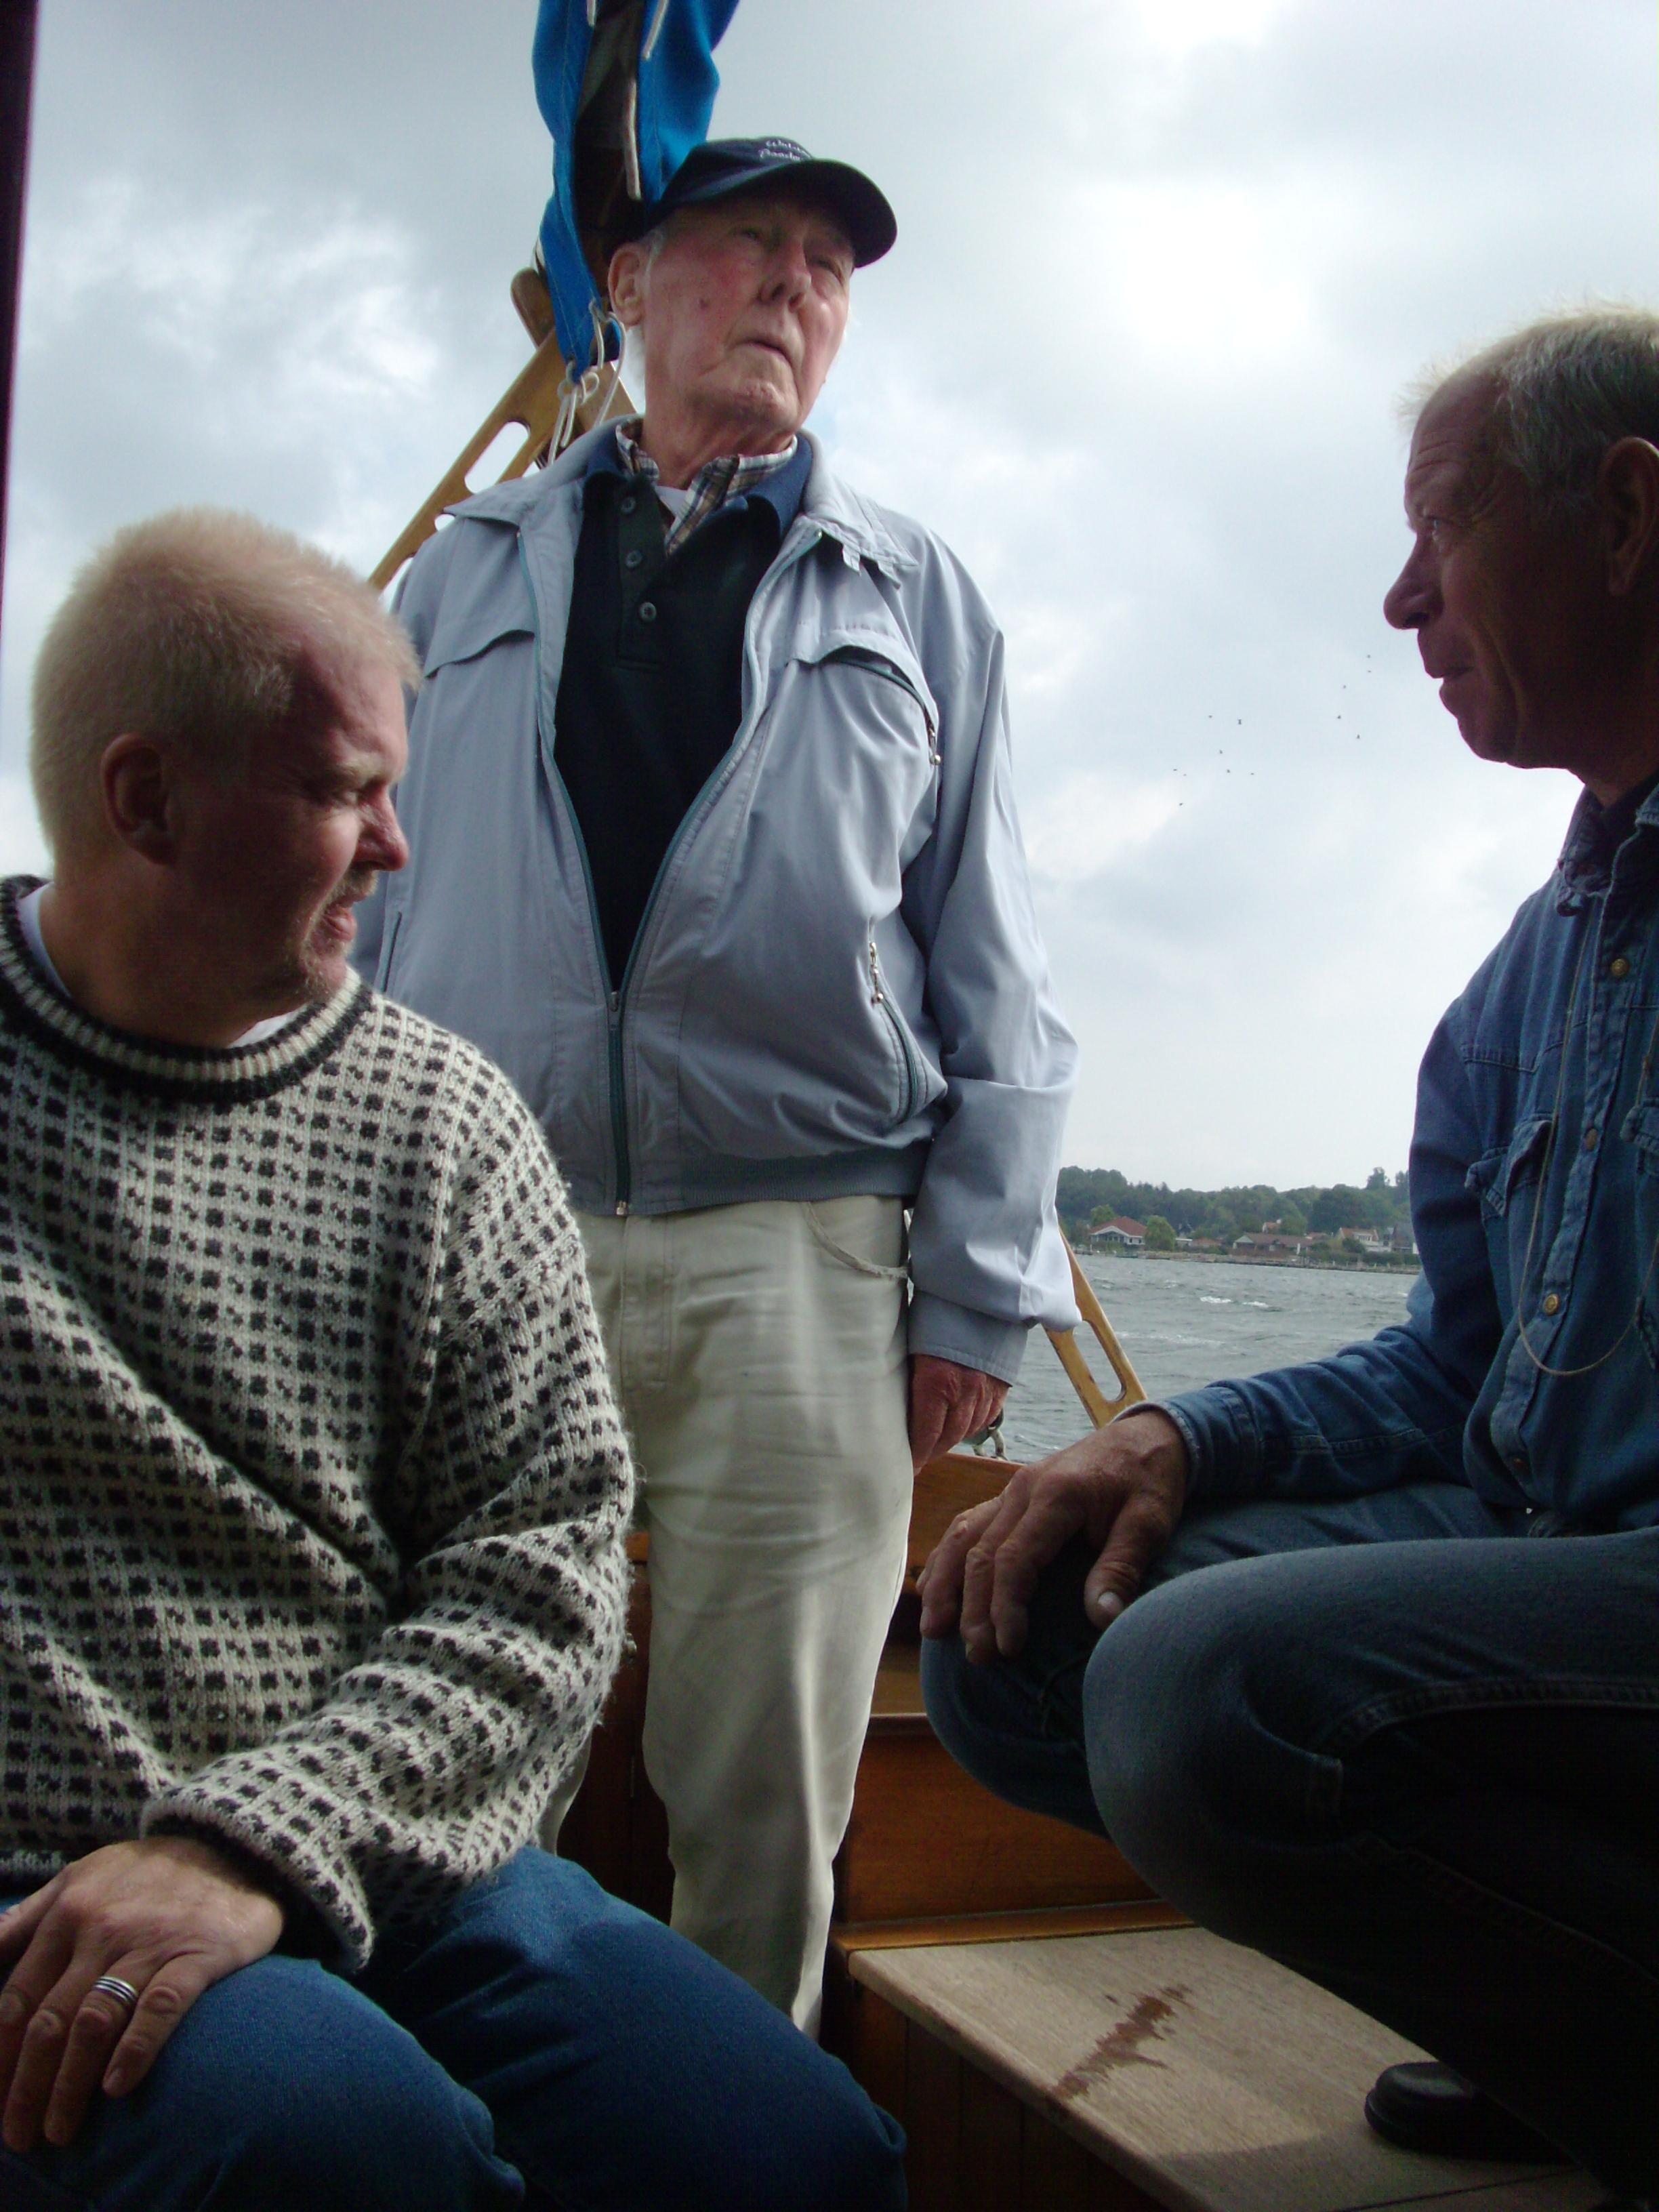 Helge ved roret for aller sidste gang. 52 års sejlads med Spray kom til en ende. Med i båden er Helge ved roret, t.h. Helges gode ven, træsejleren Tom fra Svendborg, og t.v. mig selv.